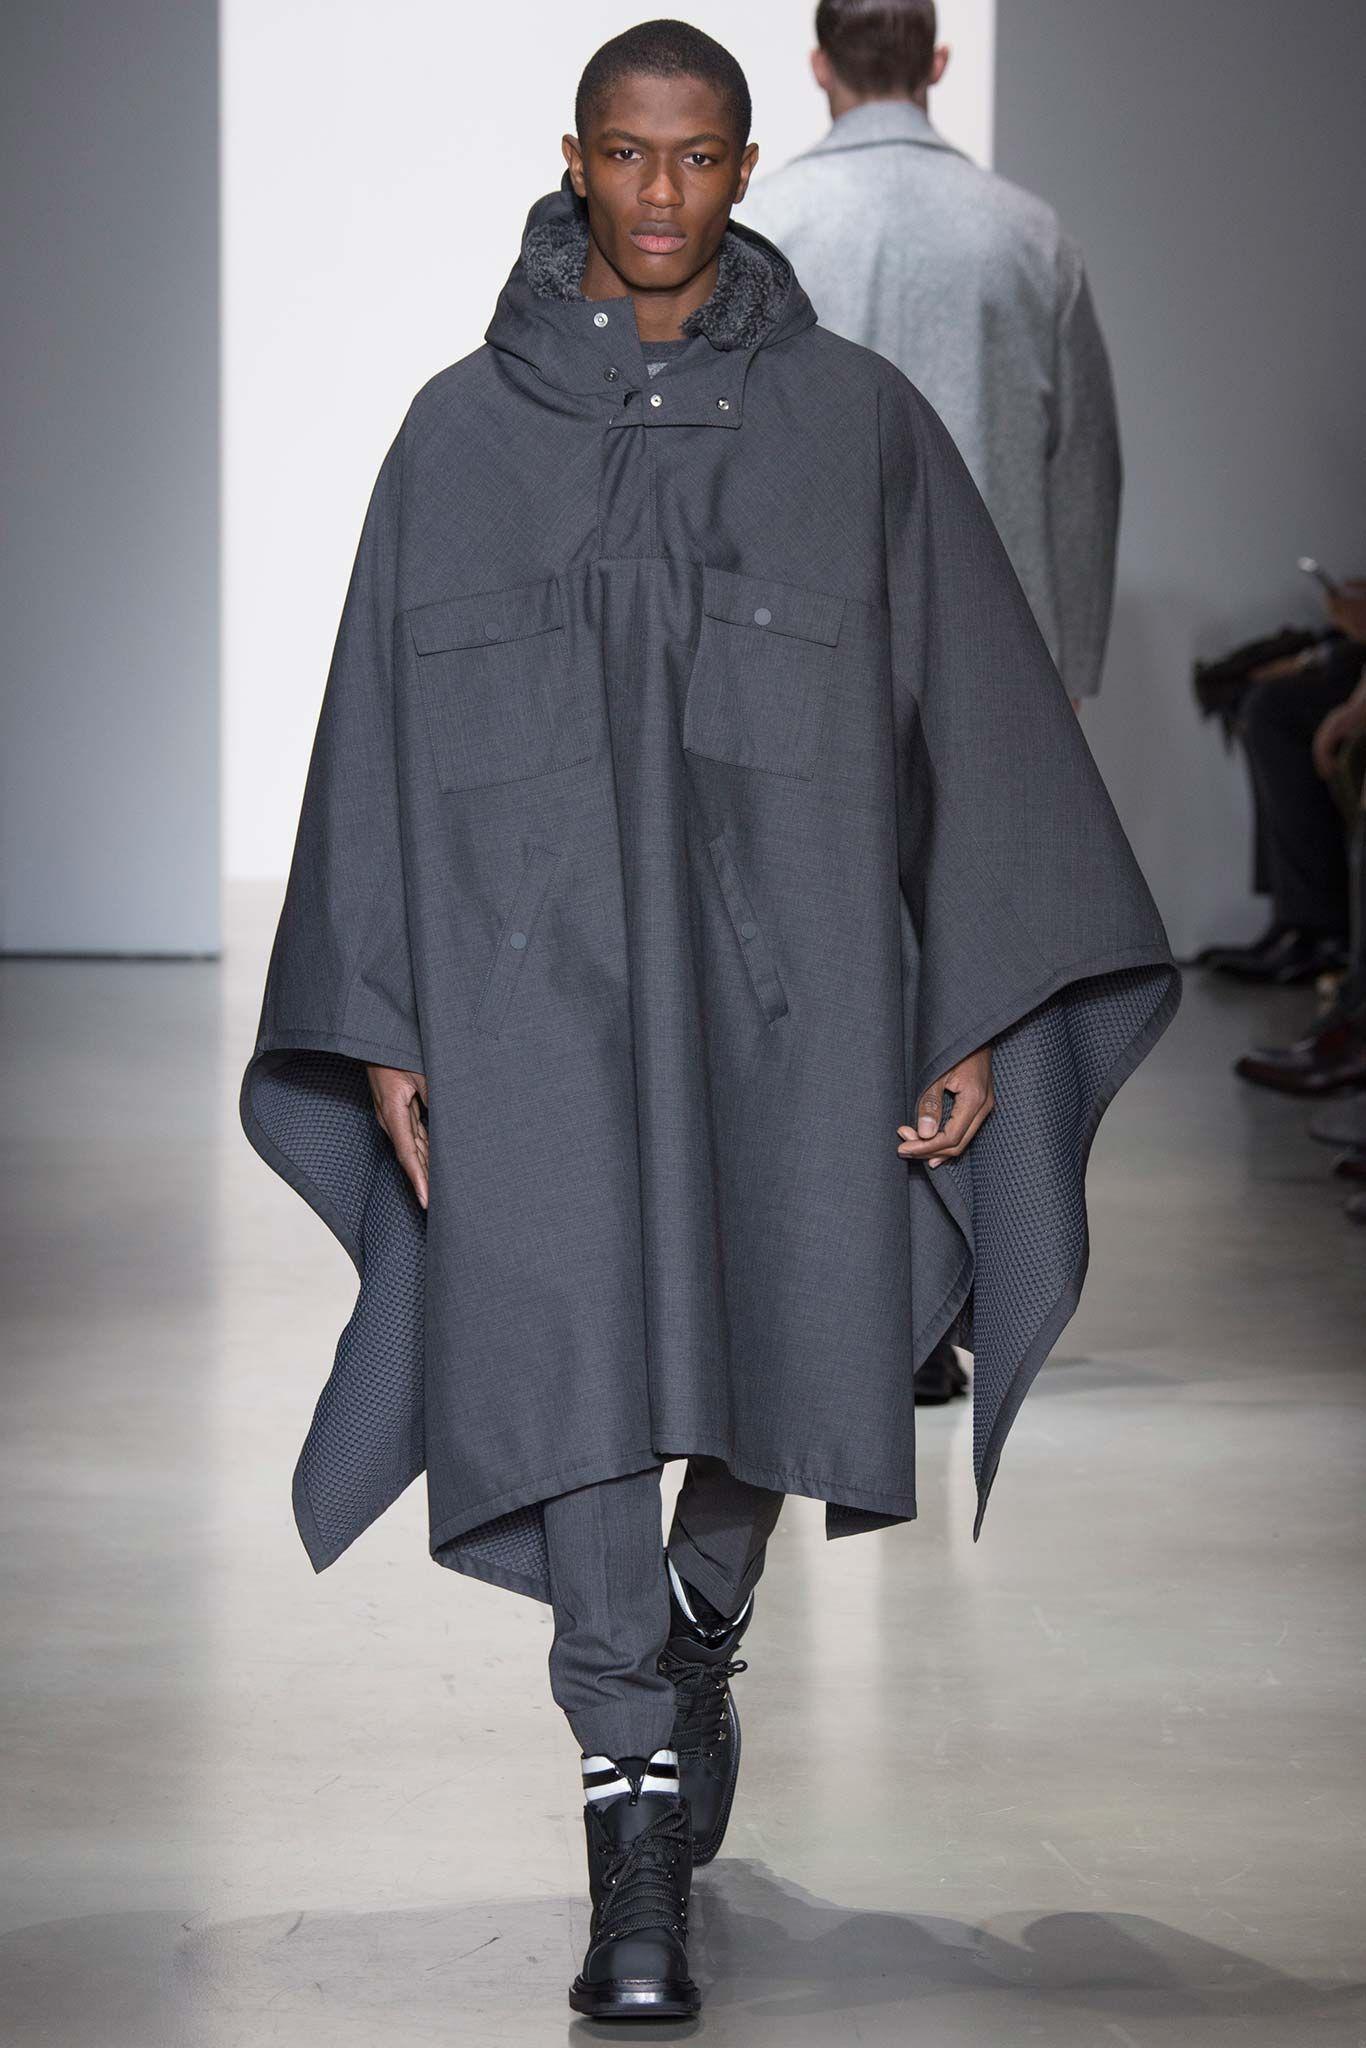 Calvin Klein Collection Fall 2015 Menswear Collection